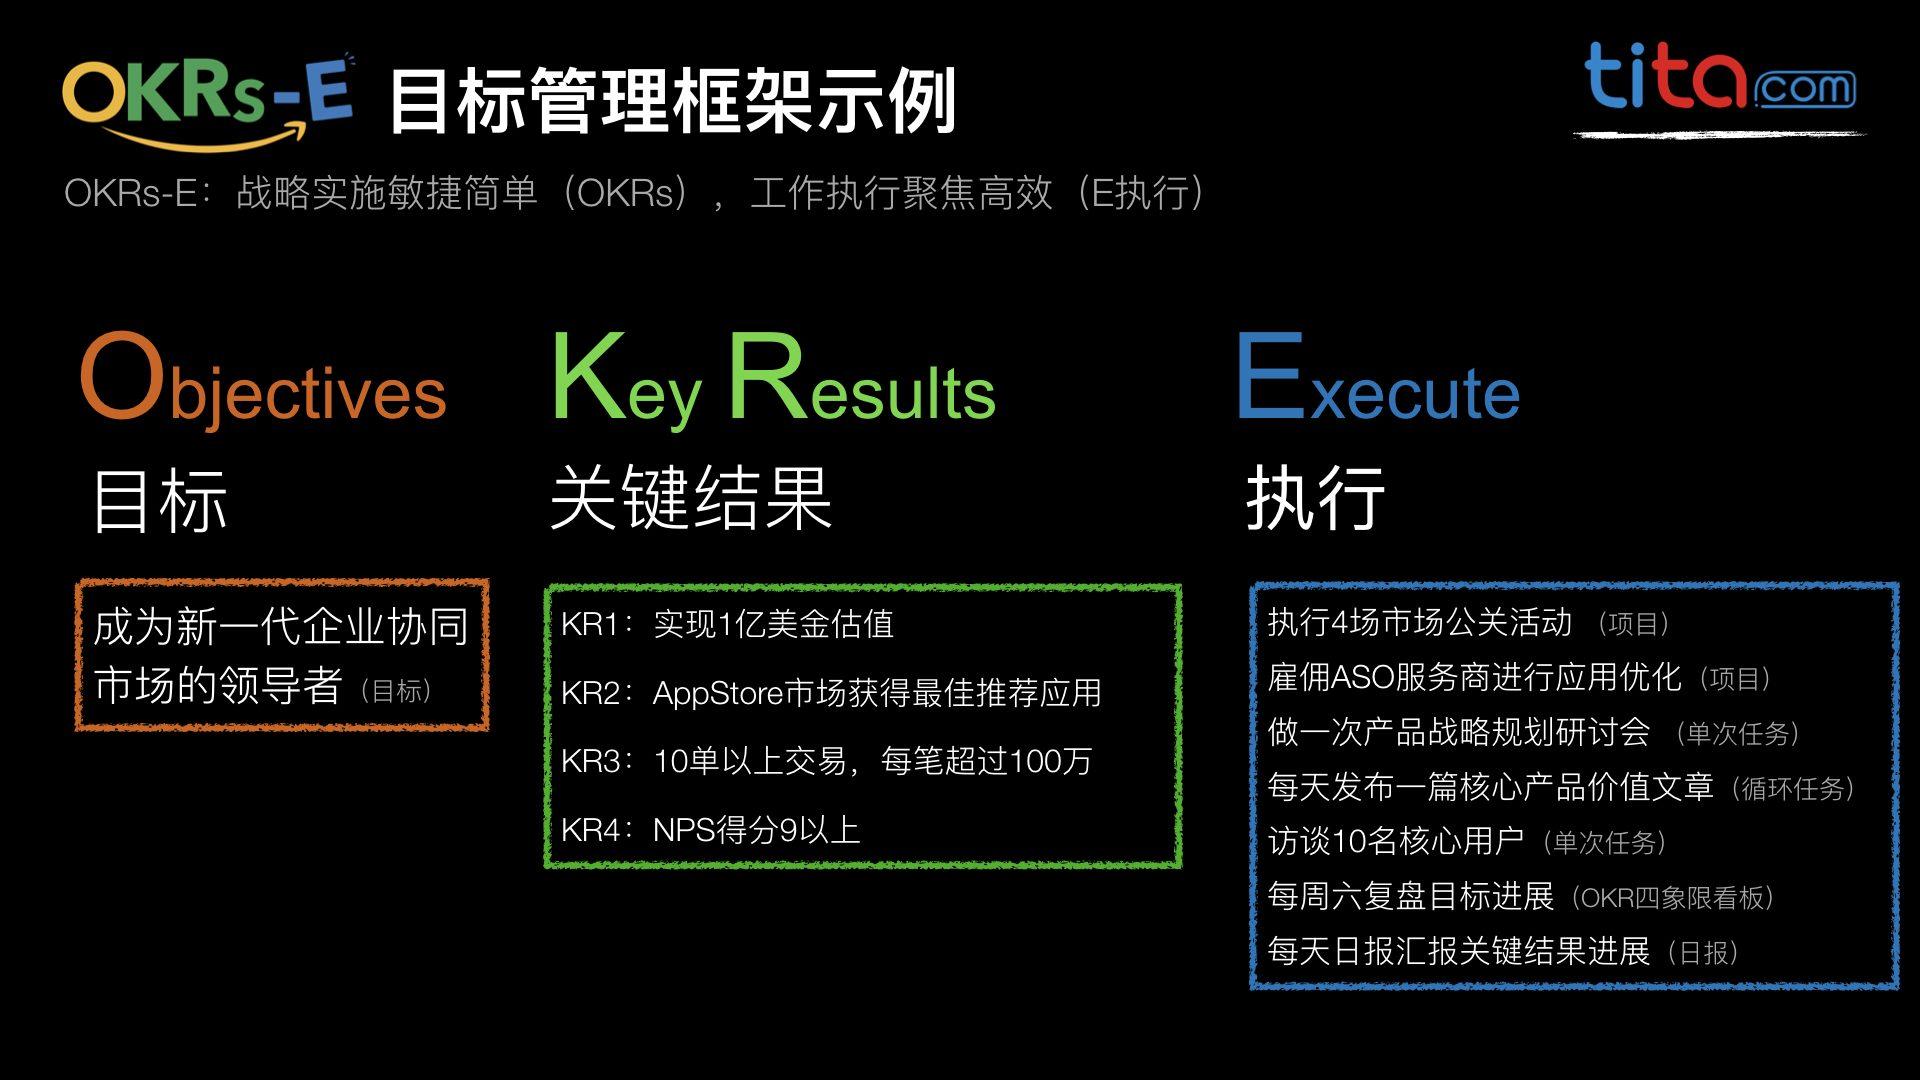 OKRs-E案例(图片来源:tita.com)